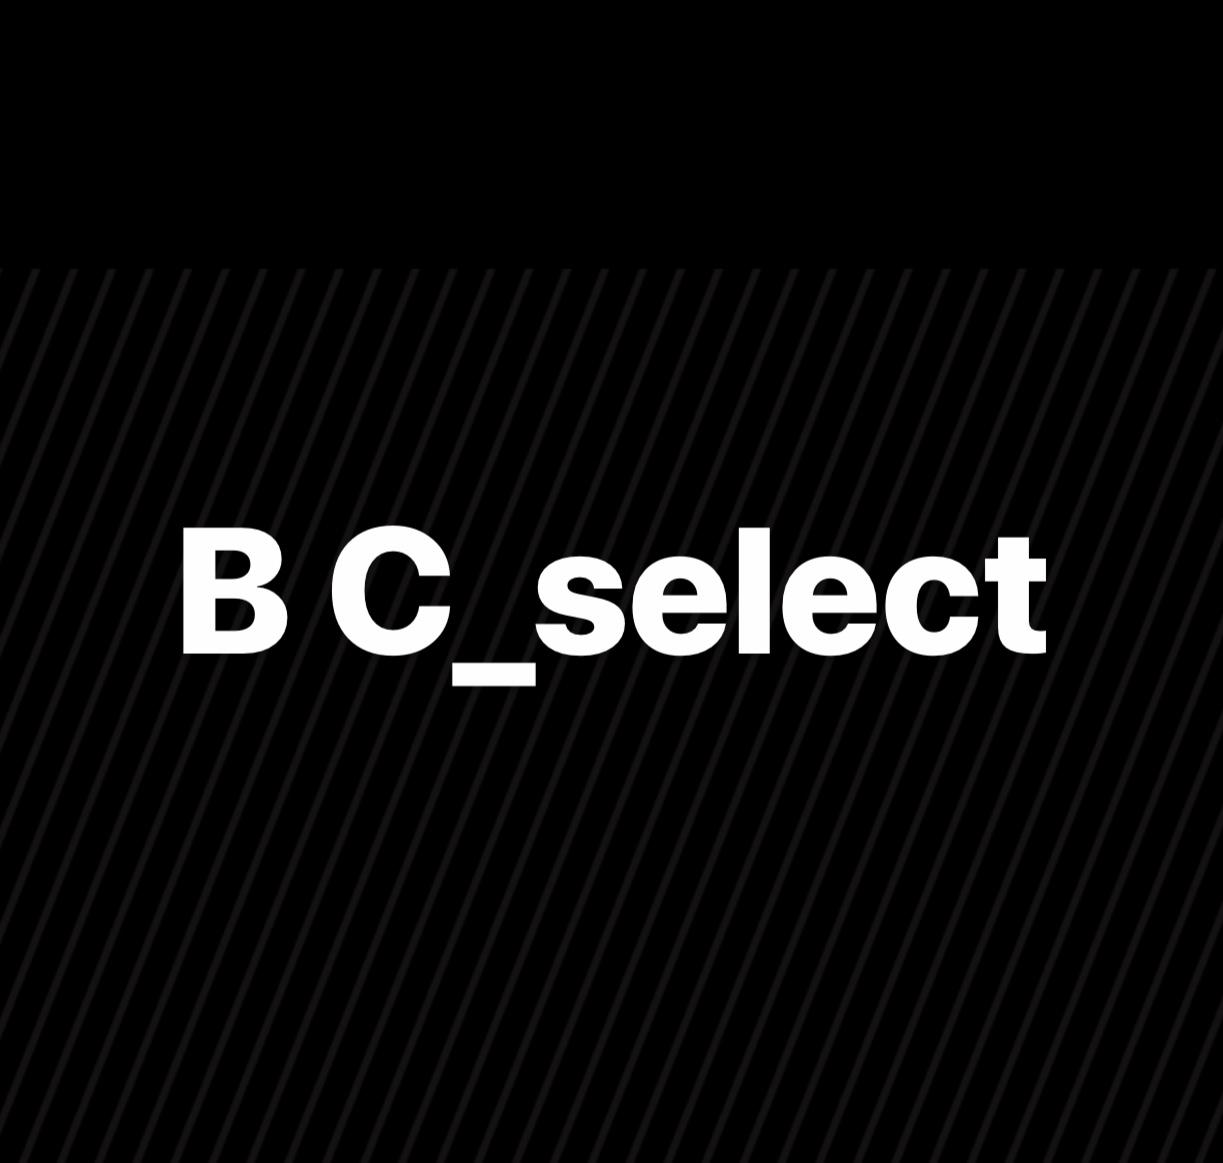 BC_select